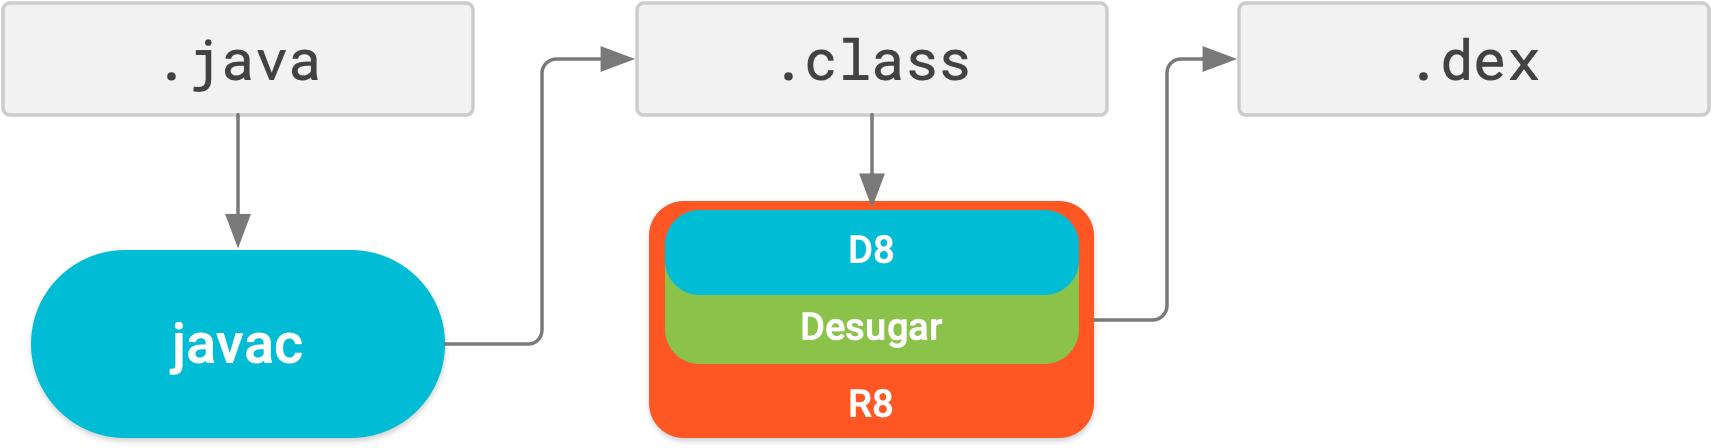 Com o R8, a simplificação, redução, ofuscação, otimização e dexação         são concluídas em uma única etapa de compilação.